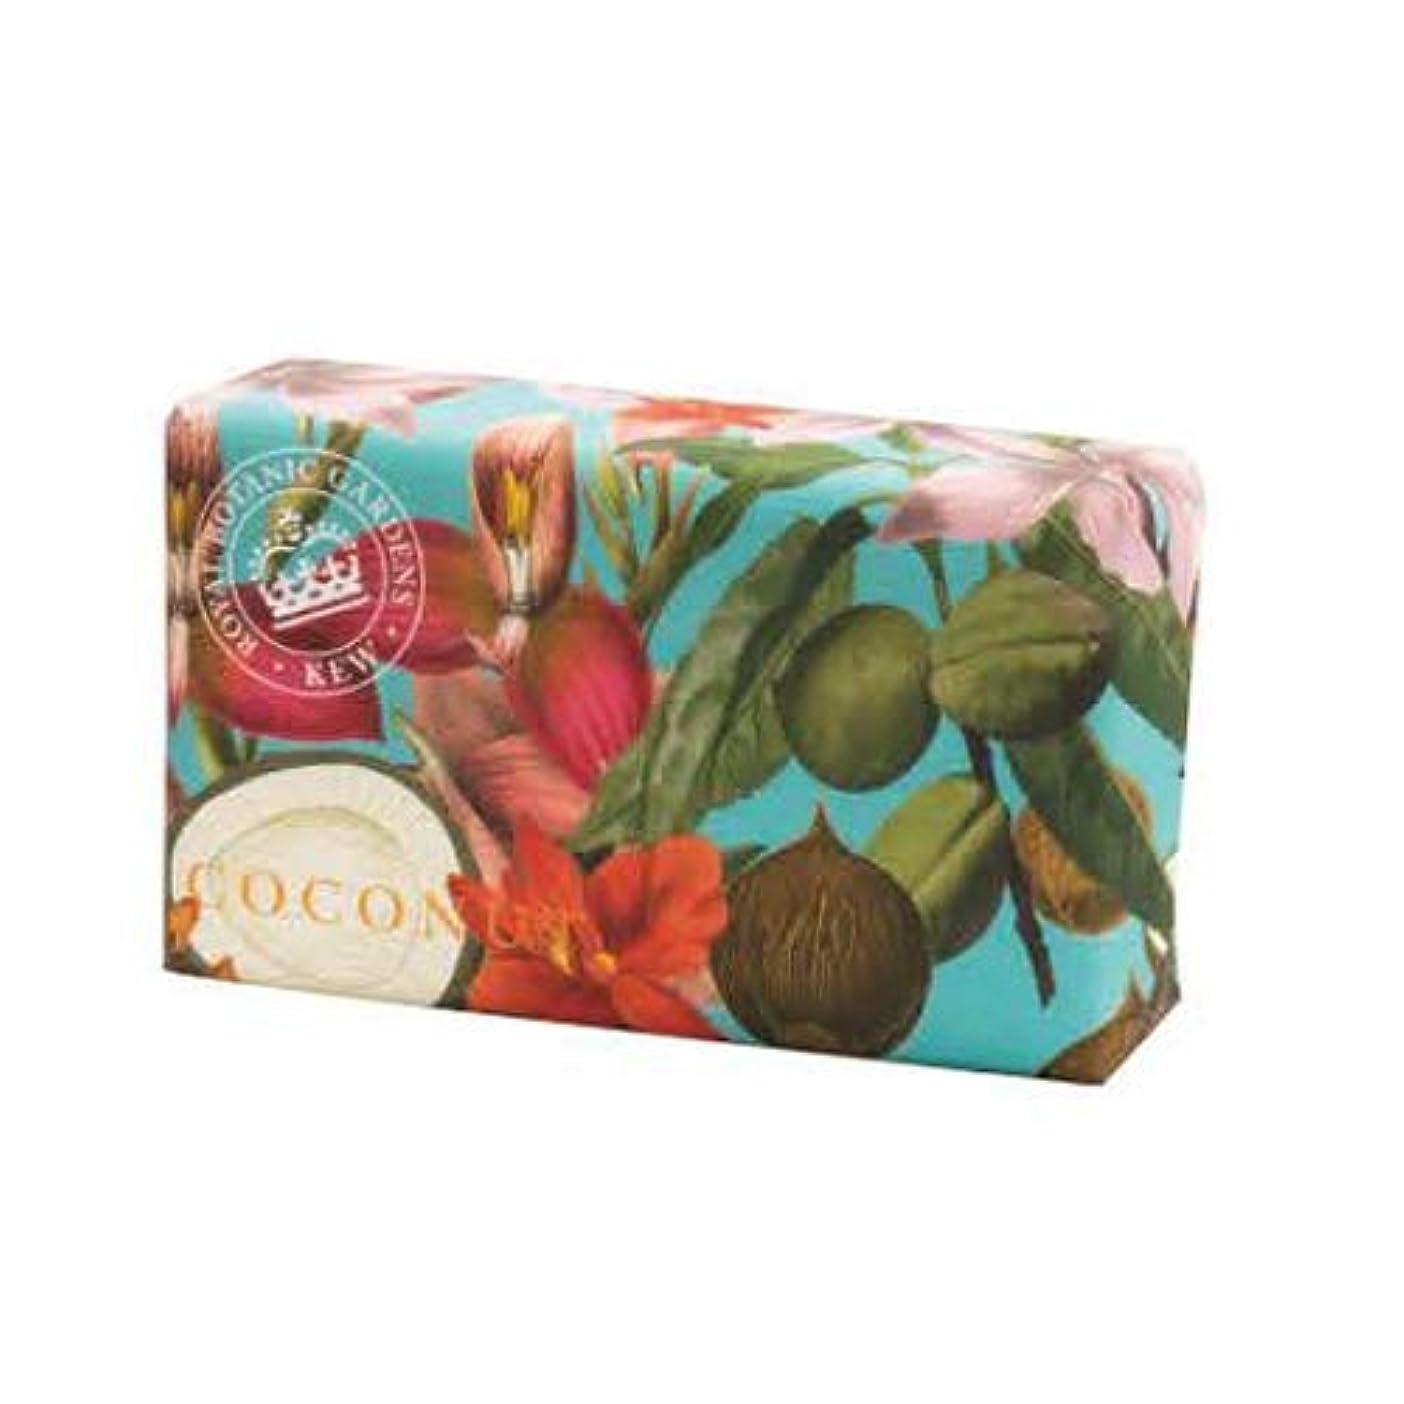 フレア生むおそらくEnglish Soap Company イングリッシュソープカンパニー KEW GARDEN キュー?ガーデン Luxury Shea Soaps シアソープ Coconut ココナッツ